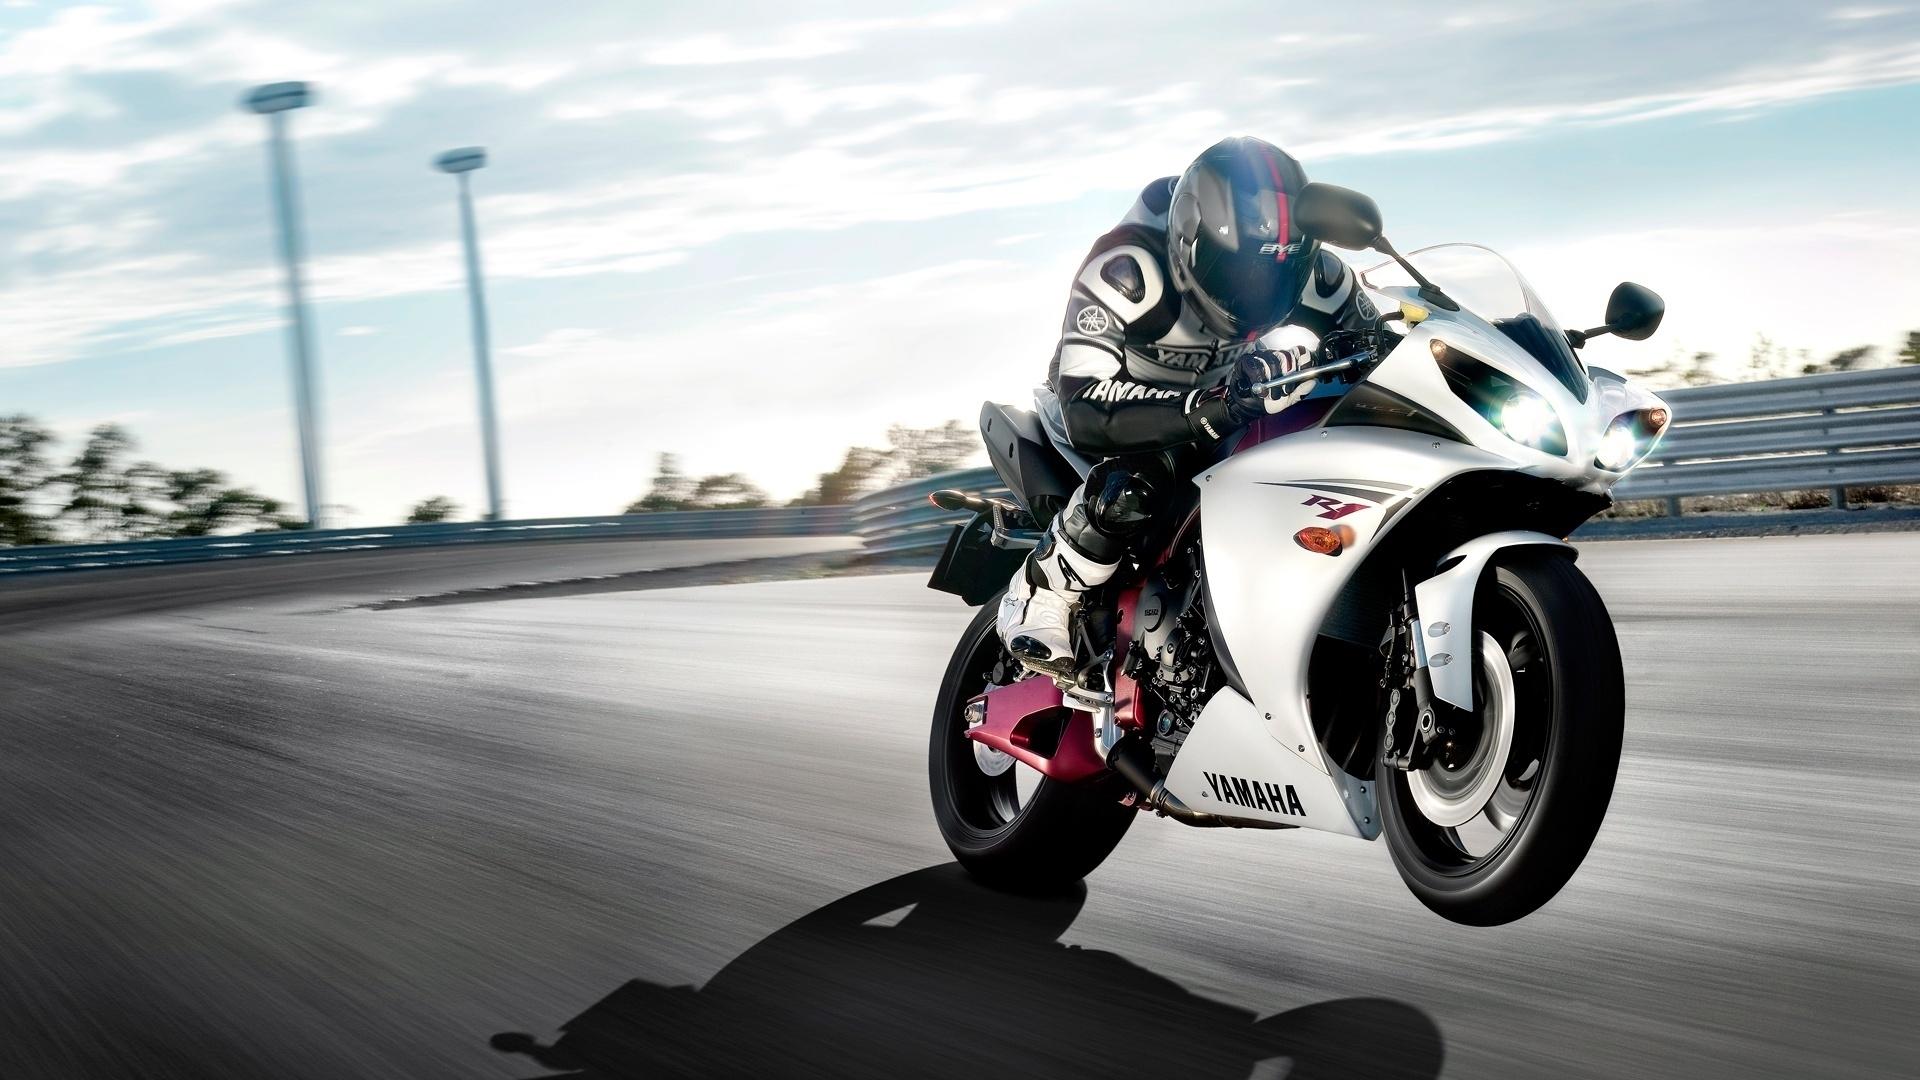 Скачать картинку Транспорт, Мотоциклы, Спорт в телефон бесплатно.